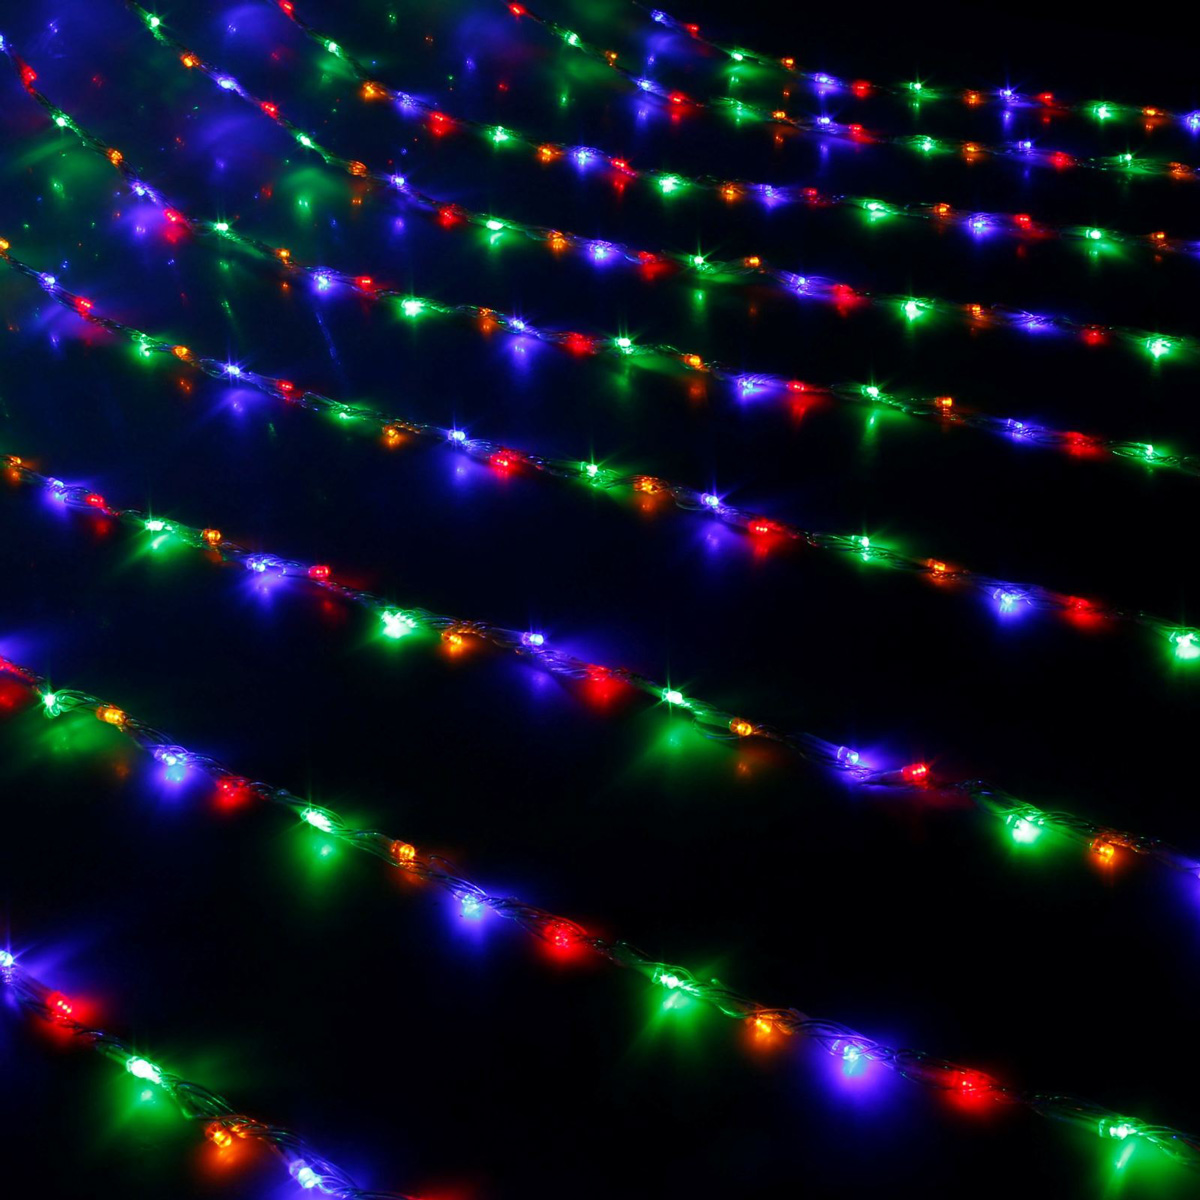 Гирлянда светодиодная Luazon Дождь, уличная, 8 режимов, 1500 ламп, 220 V, цвет: мультиколор, 2 х 6 м. 671679671679Светодиодные гирлянды, ленты и т.д — это отличный вариант для новогоднего оформления интерьера или фасада. С их помощью помещение любого размера можно превратить в праздничный зал, а внешние элементы зданий, украшенные ими, мгновенно станут напоминать очертания сказочного дворца. Такие украшения создают ауру предвкушения чуда. Деревья, фасады, витрины, окна и арки будто специально созданы, чтобы вы украсили их светящимися нитями.